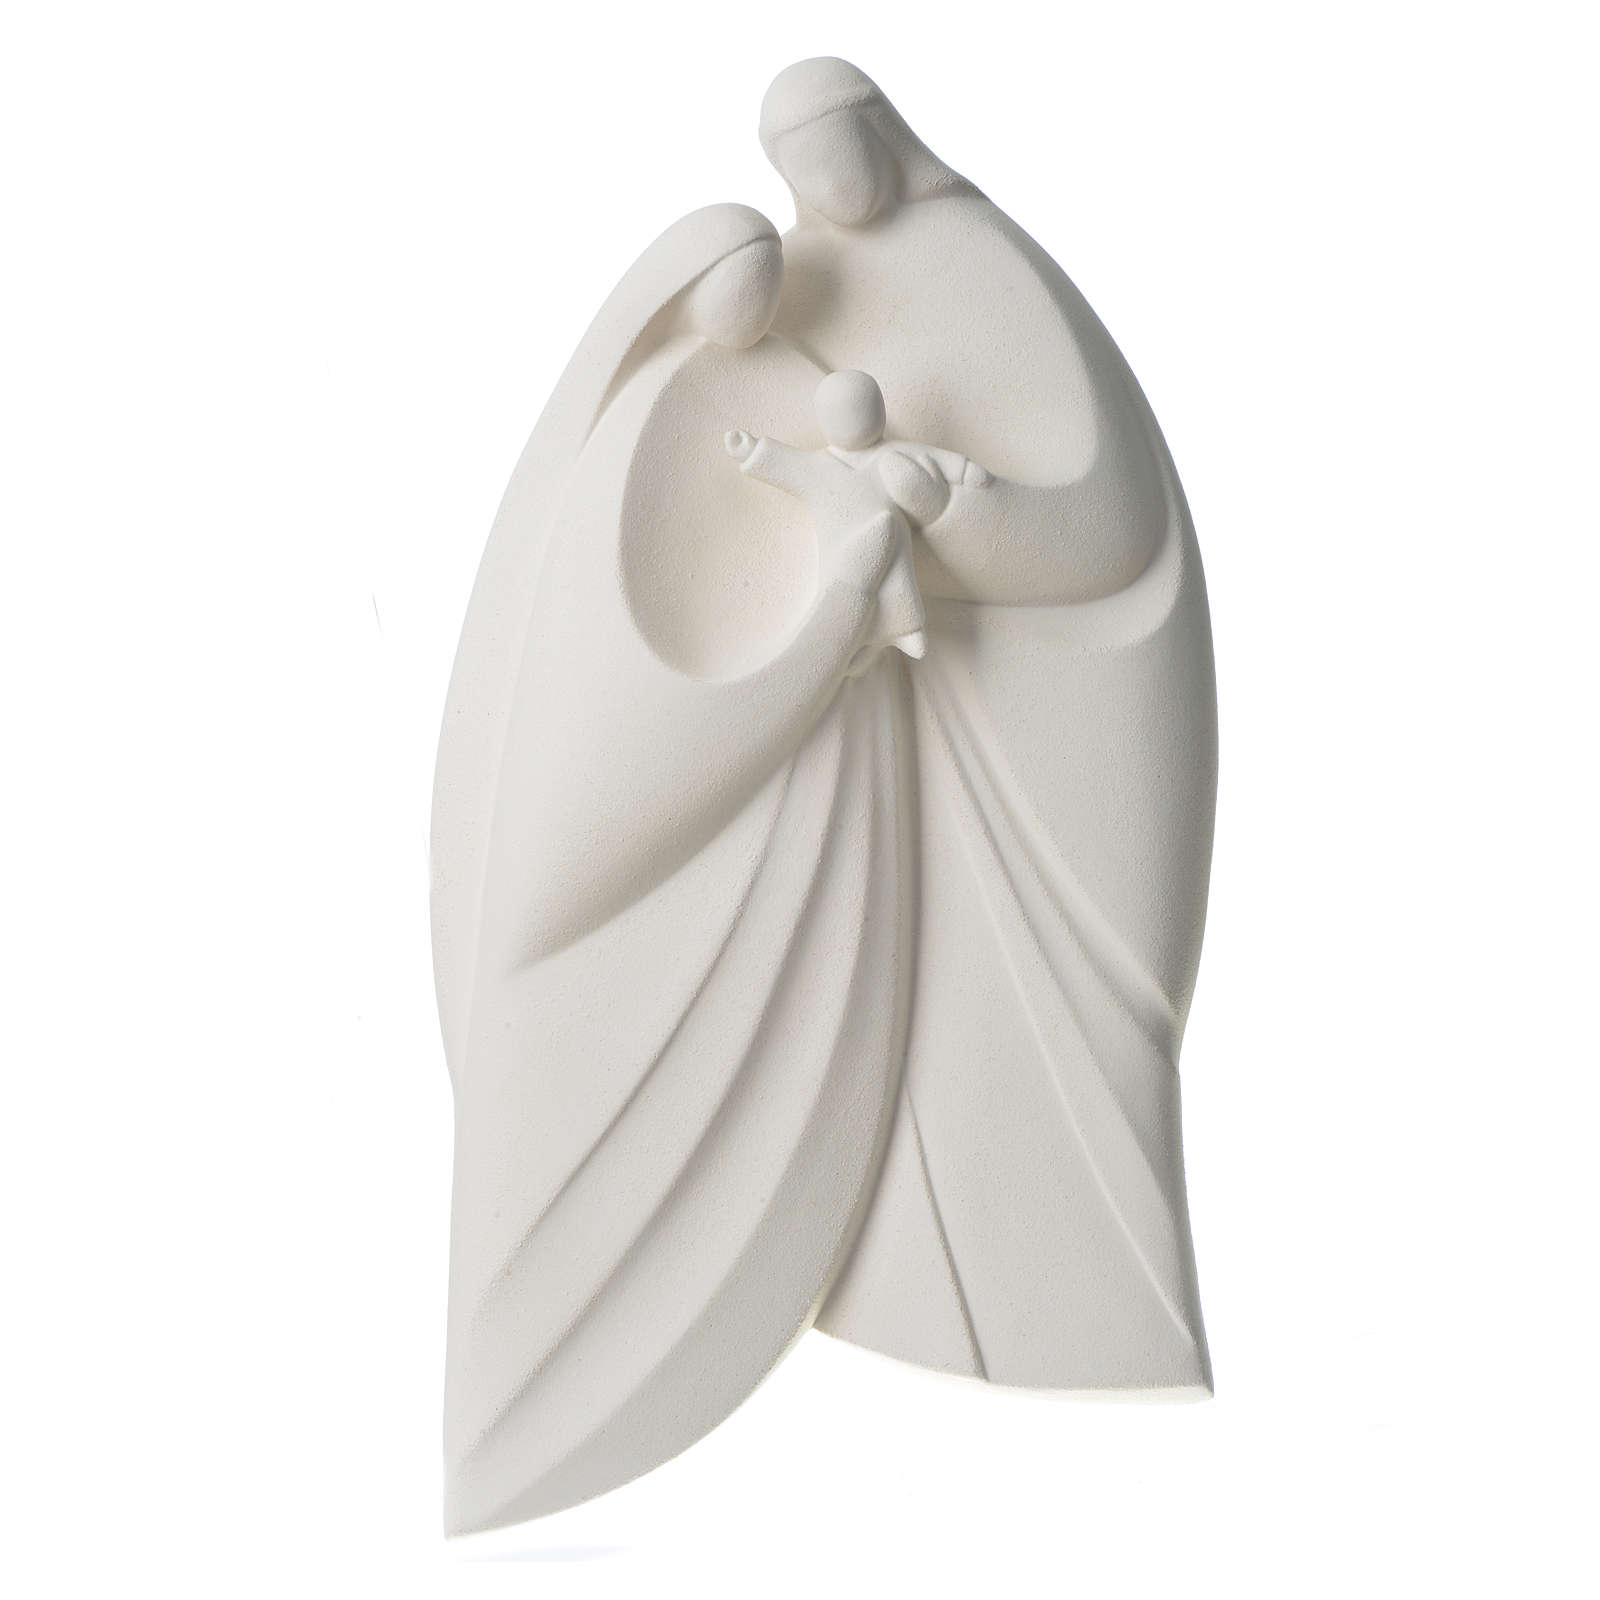 Sagrada Familia en arcilla blanca. Lis 39cm 4